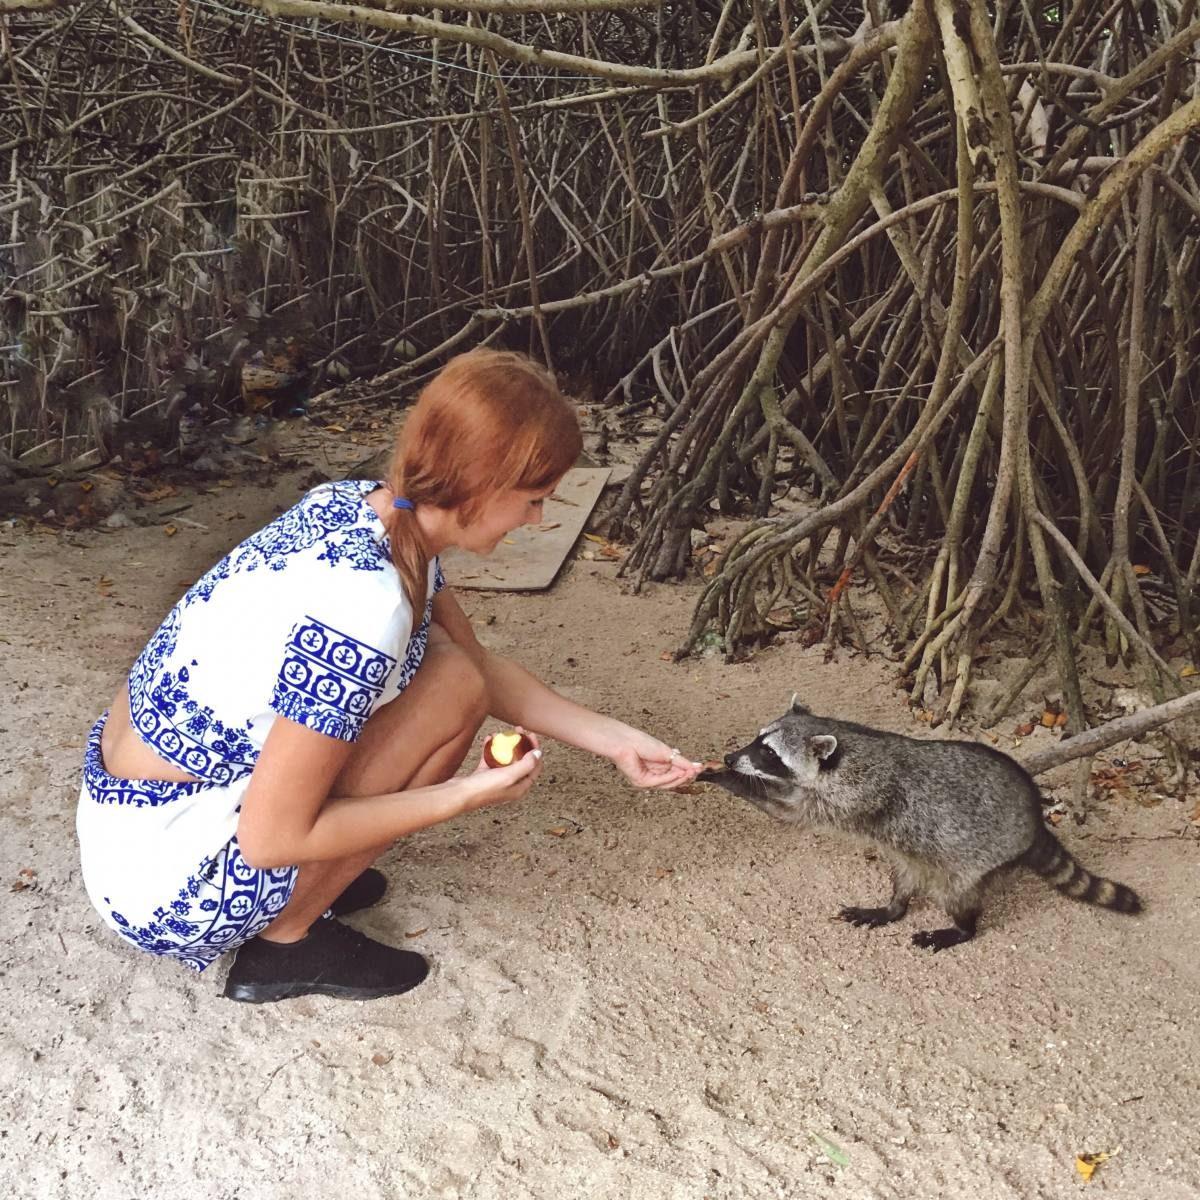 Instagram raccoon